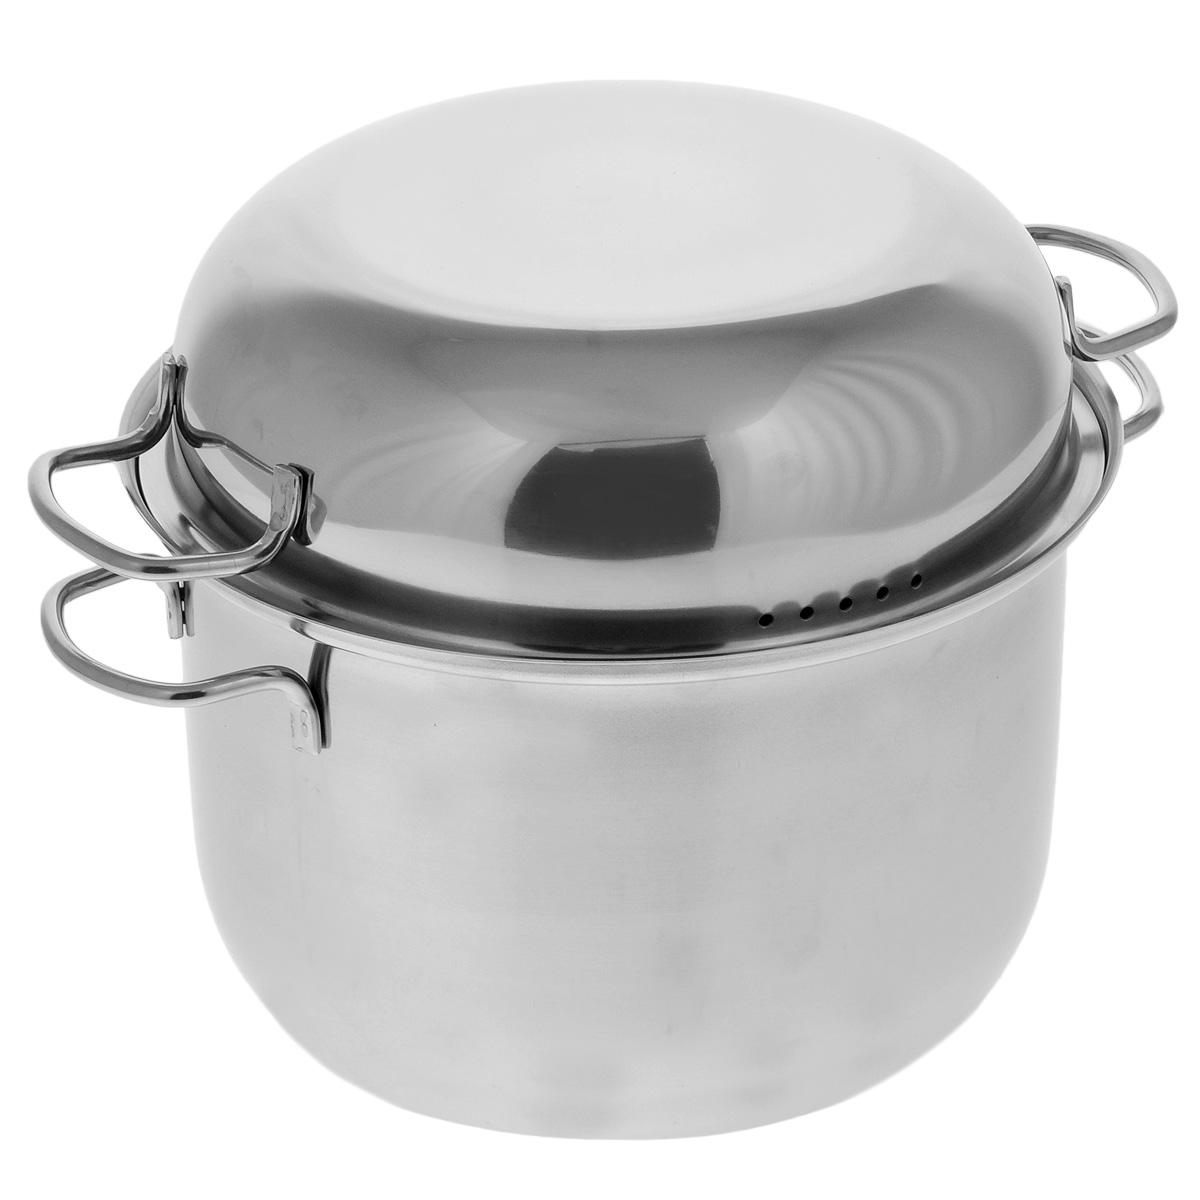 Мантоварка АМЕТ Классика с крышкой, 2 яруса, 5 л391602Мантоварка АМЕТ Классика предназначена для приготовления диетических блюд на пару, в частности - мантов. Изделие гигиенично и безопасно для здоровья. Нержавеющая сталь обладает малой теплопроводностью, поэтому посуда из нее остывает гораздо медленнее, чем любой другой вид посуды, а значит, приготовленное в ней более длительное время остается горячим. Мантоварка укомплектована двумя решетками с ручками из нержавеющей стали на ножках и крышкой. Крышка плотно прилегает к краю мантоварки, сохраняя аромат блюд. Крышка оснащена двумя удобными ручками и отверстиями для выпуска пара. Подходит для газовых и электрических плит. Можно мыть в посудомоечной машине. Высота стенки: 15 см. Толщина стенки: 0,3 см. Толщина дна: 0,3 см. Ширина с учетом ручек: 30,5 см. Диаметр решетки: 20,5 см. Высота мантоварки (с учетом крышки): 21,5 см.